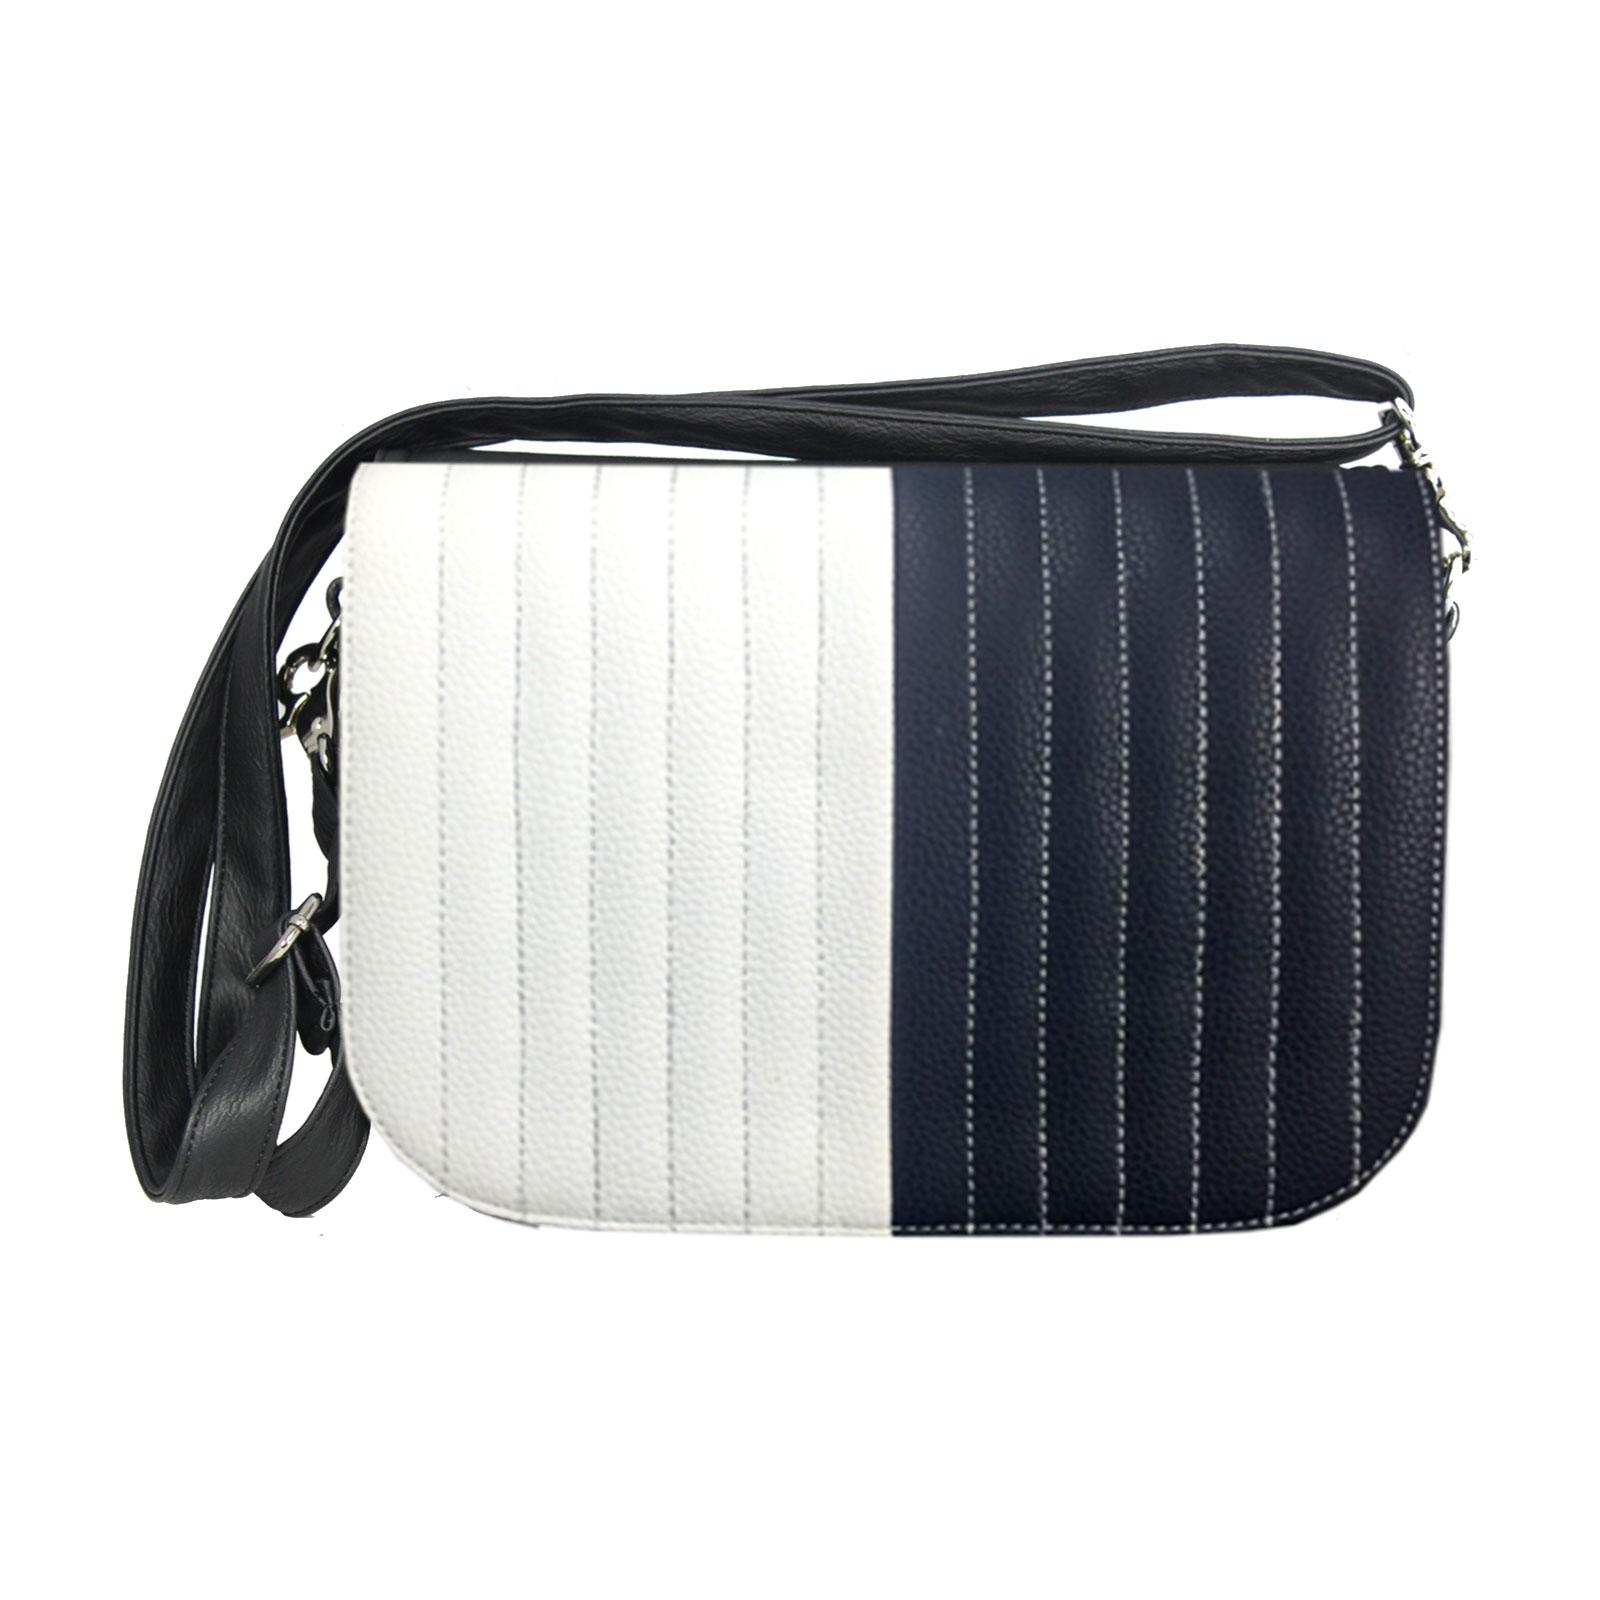 Handtasche mit dunkelblauen und weißen Design  Delieta soft Bag